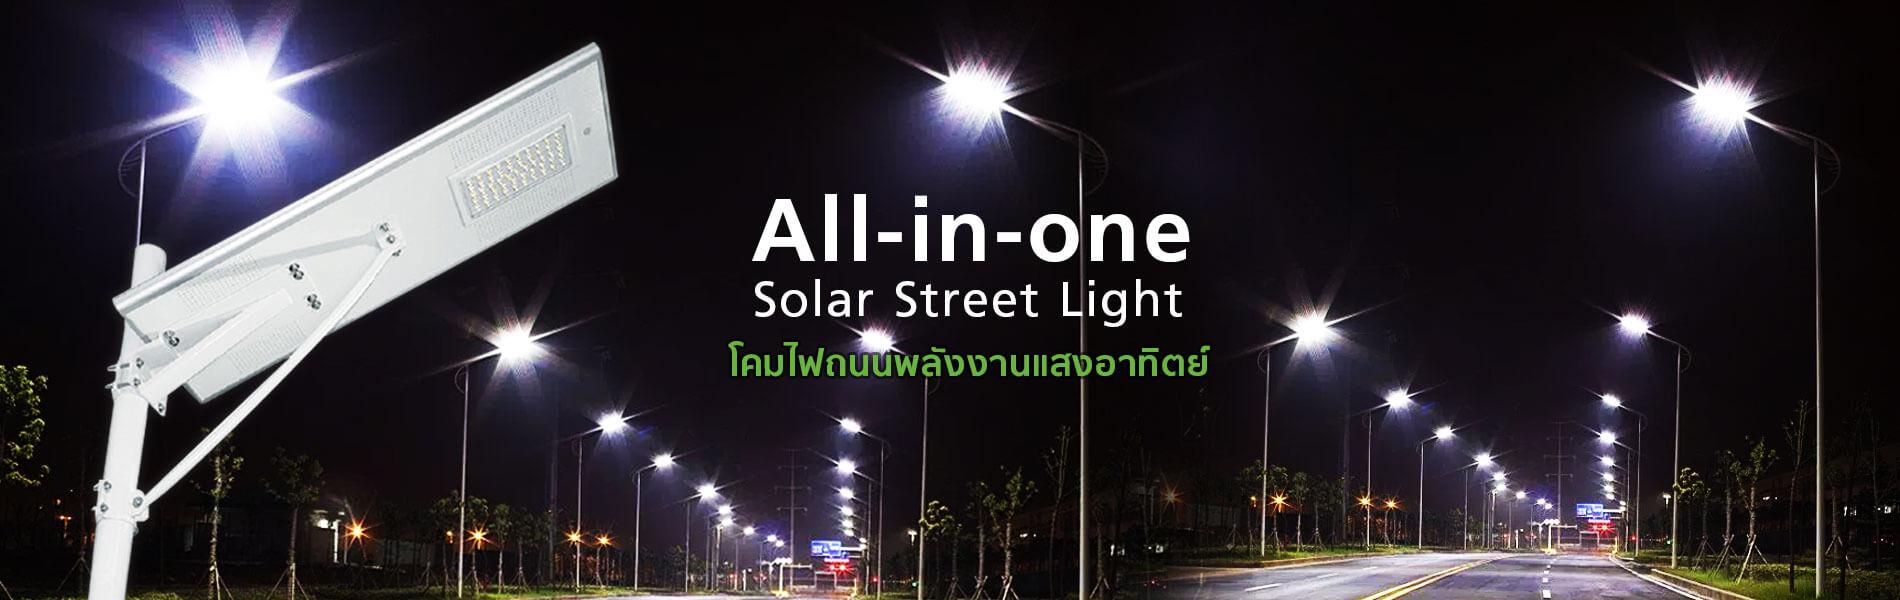 D2USiam ระบบไฟฟ้าและการส่องสว่าง ก้าวเข้าสู่สังคมเมืองอัจฉริยะ